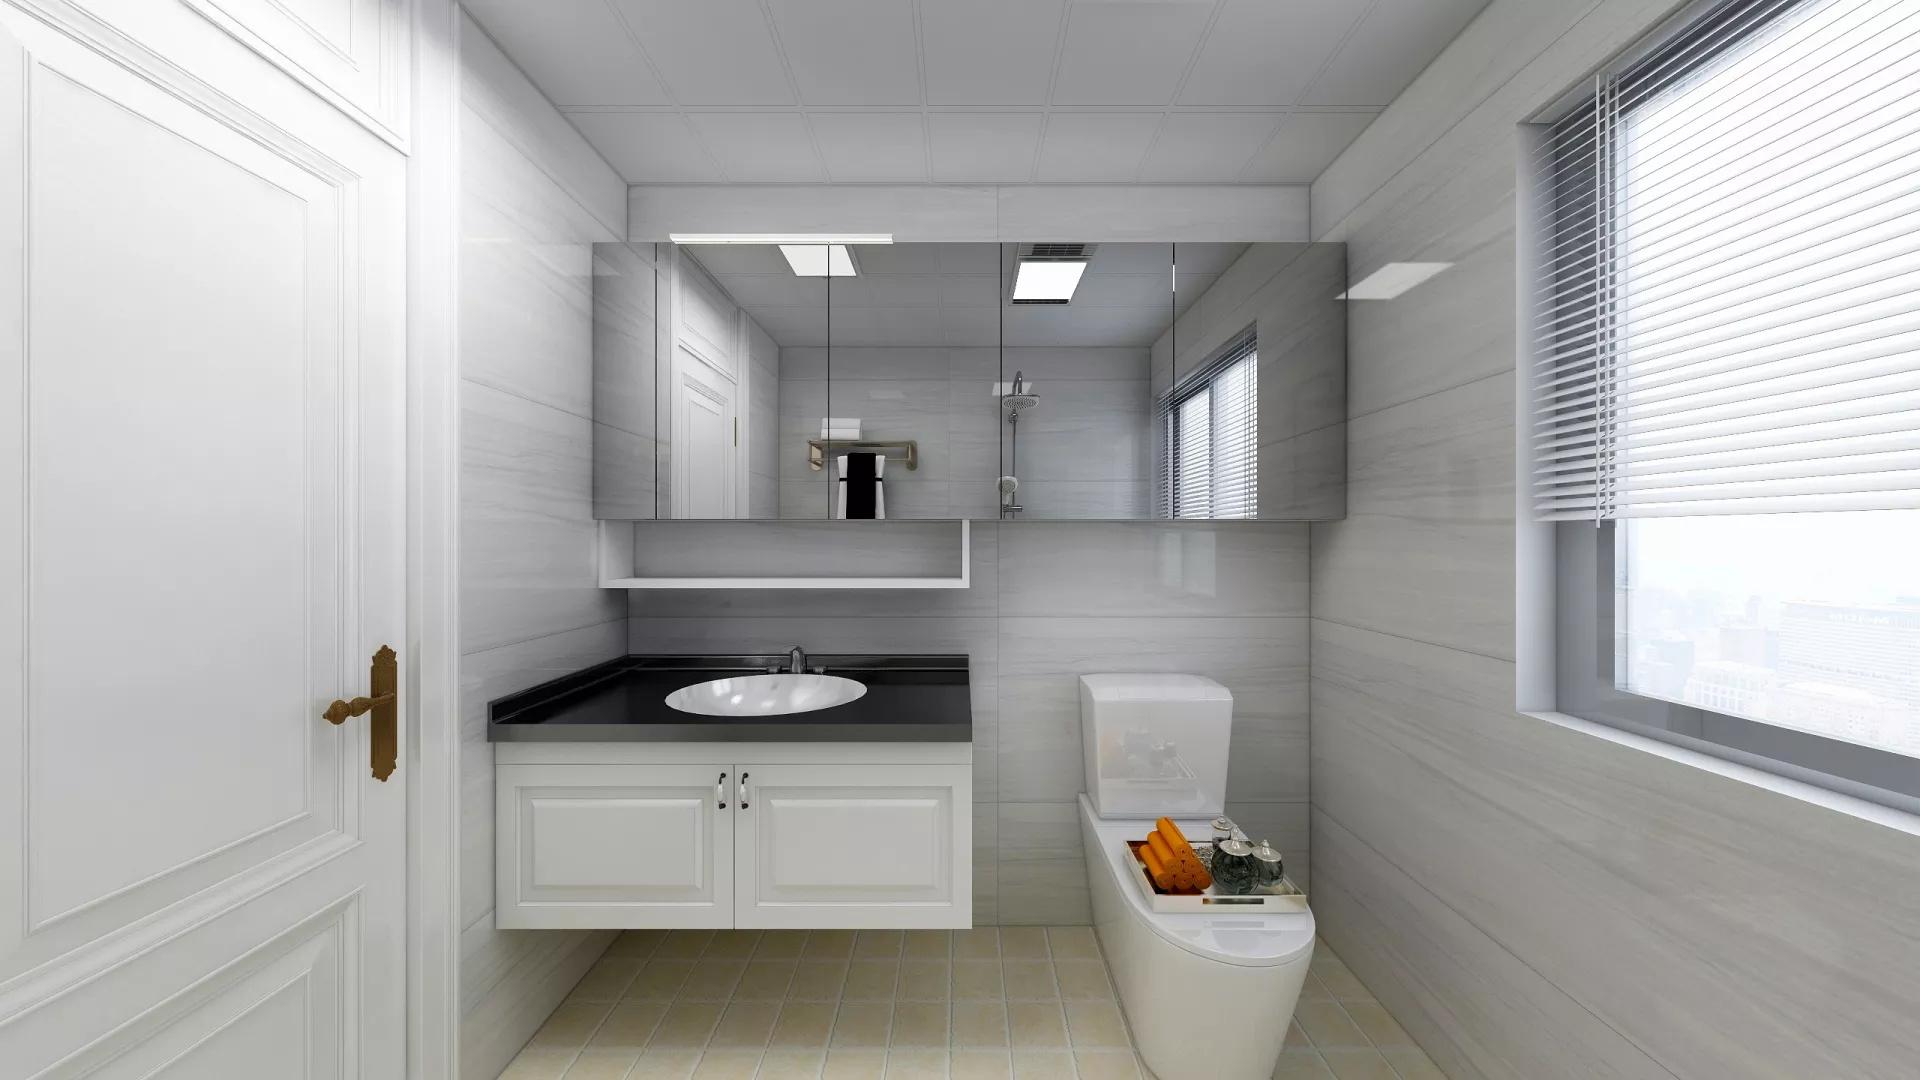 清爽日式宜家风格公寓装饰设计效果图